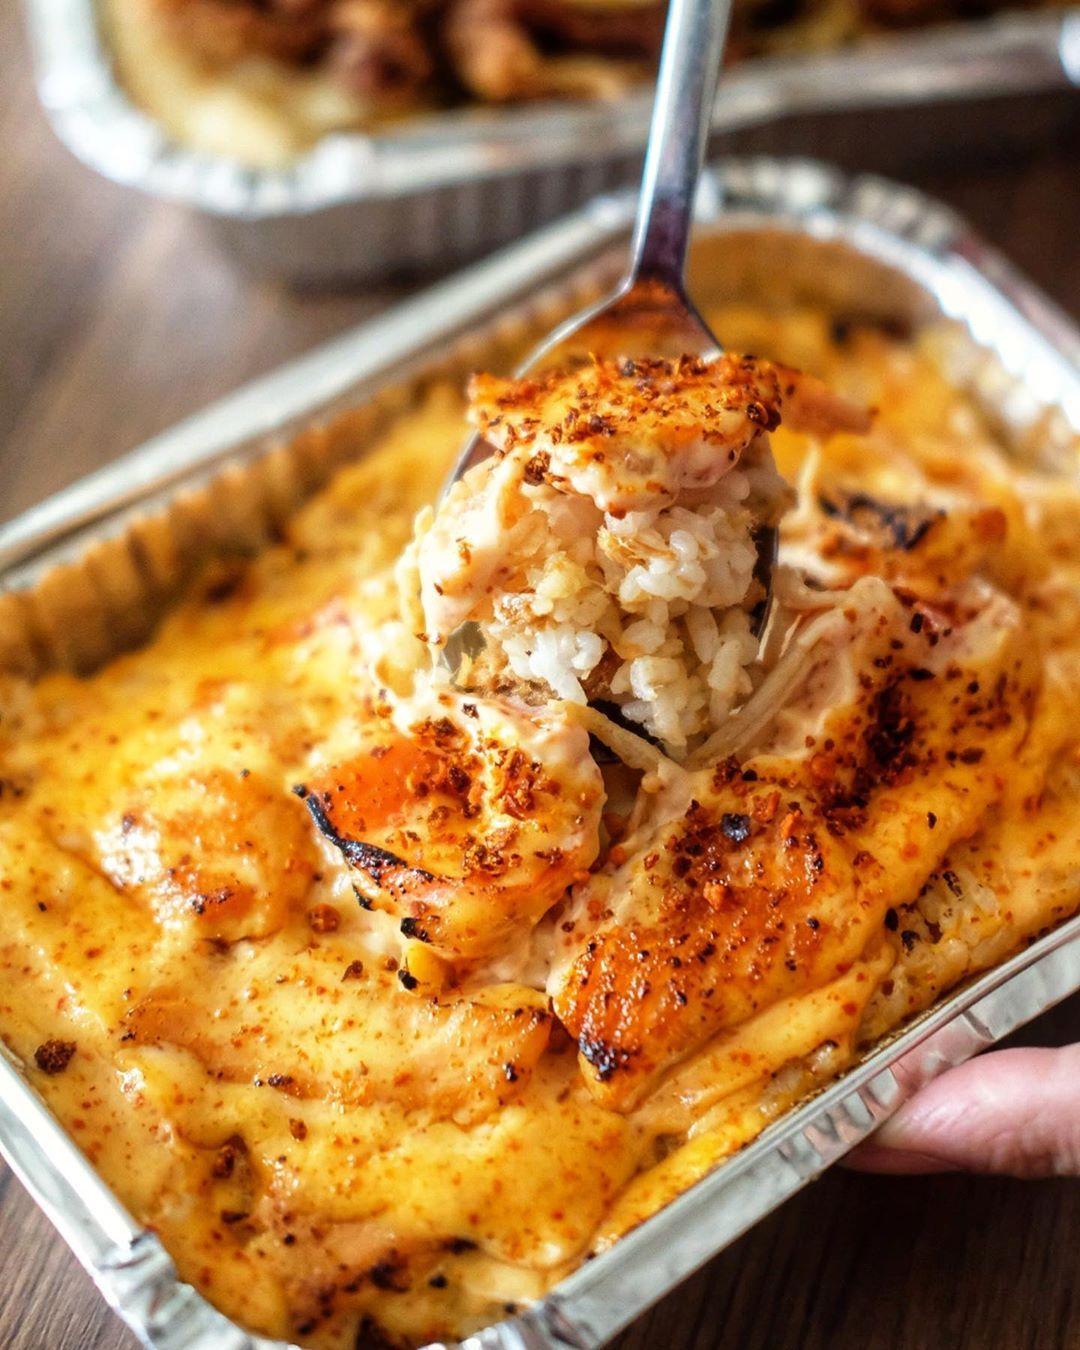 Happy Weekend Makan Siang Enaknya Makan Salmon Mentai Aja Nih Perpaduan Salmon Yang Fresh Dengan Saus Mentai Special Makan Siang Resep Salmon Ide Makanan